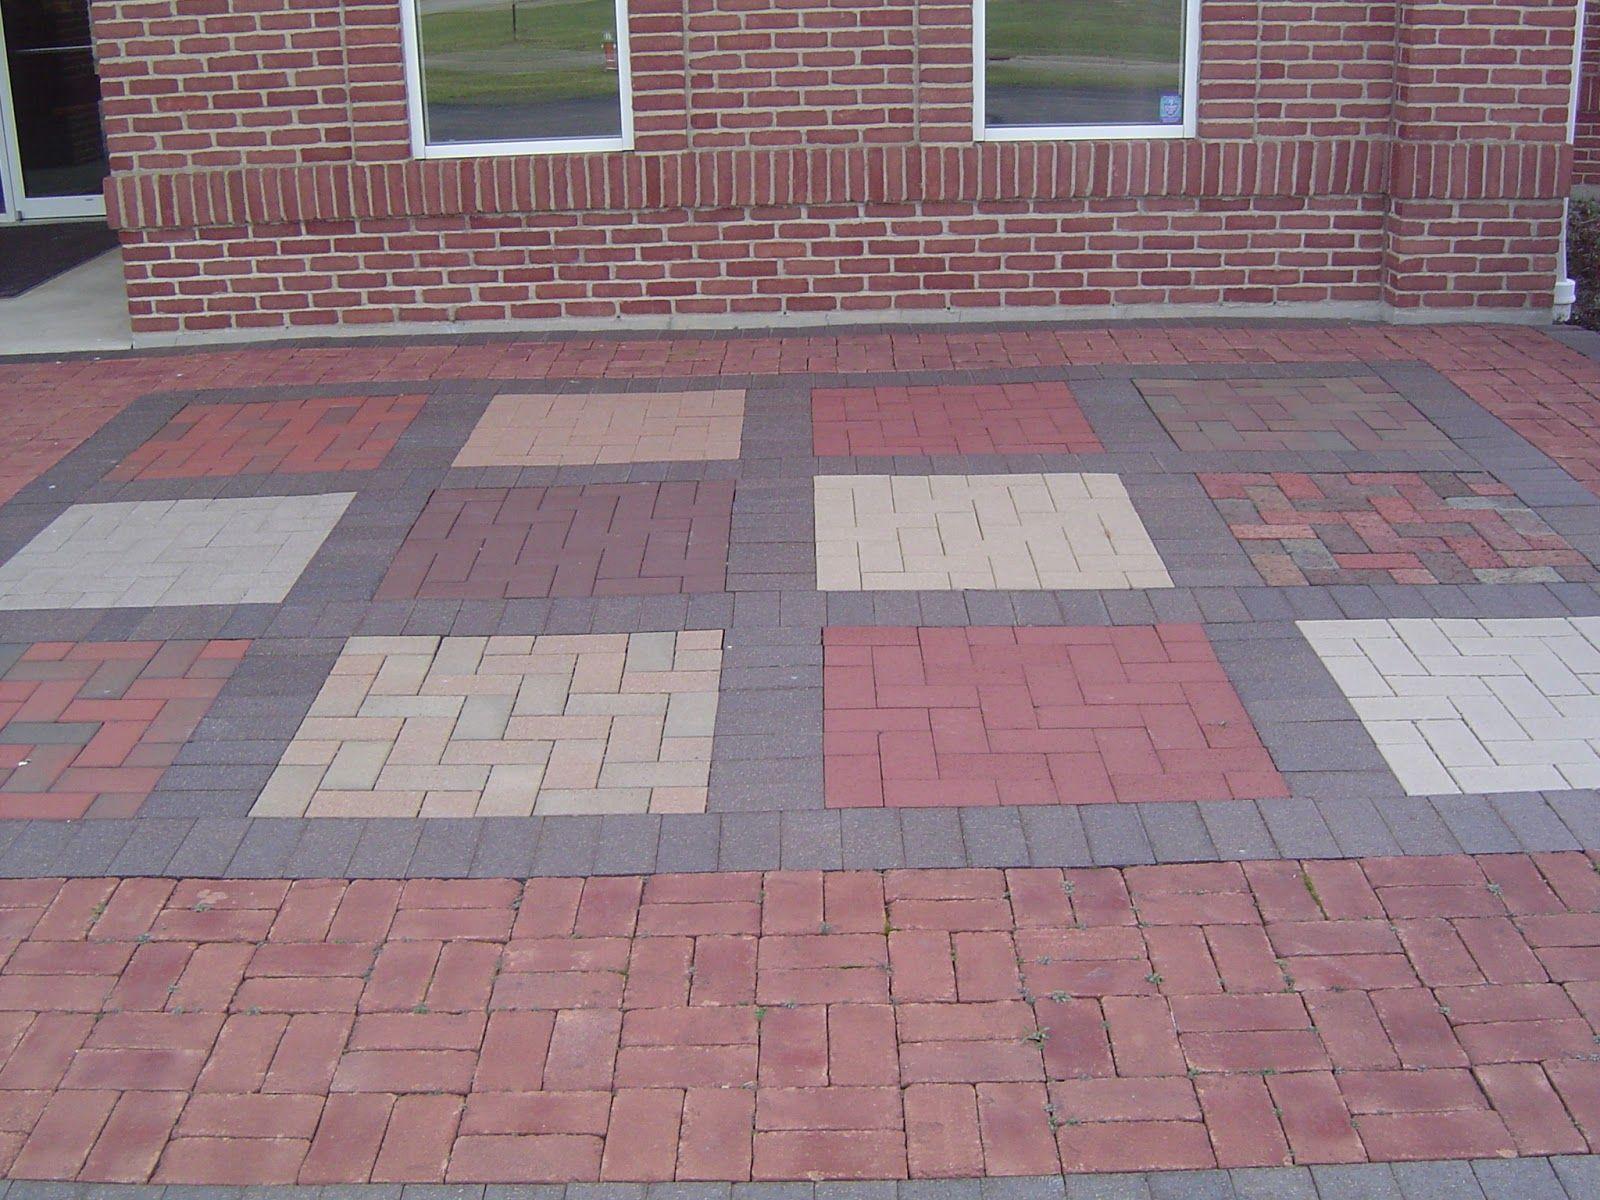 Brick Paver Patios Patio Design Ideas Paver Patio Patio